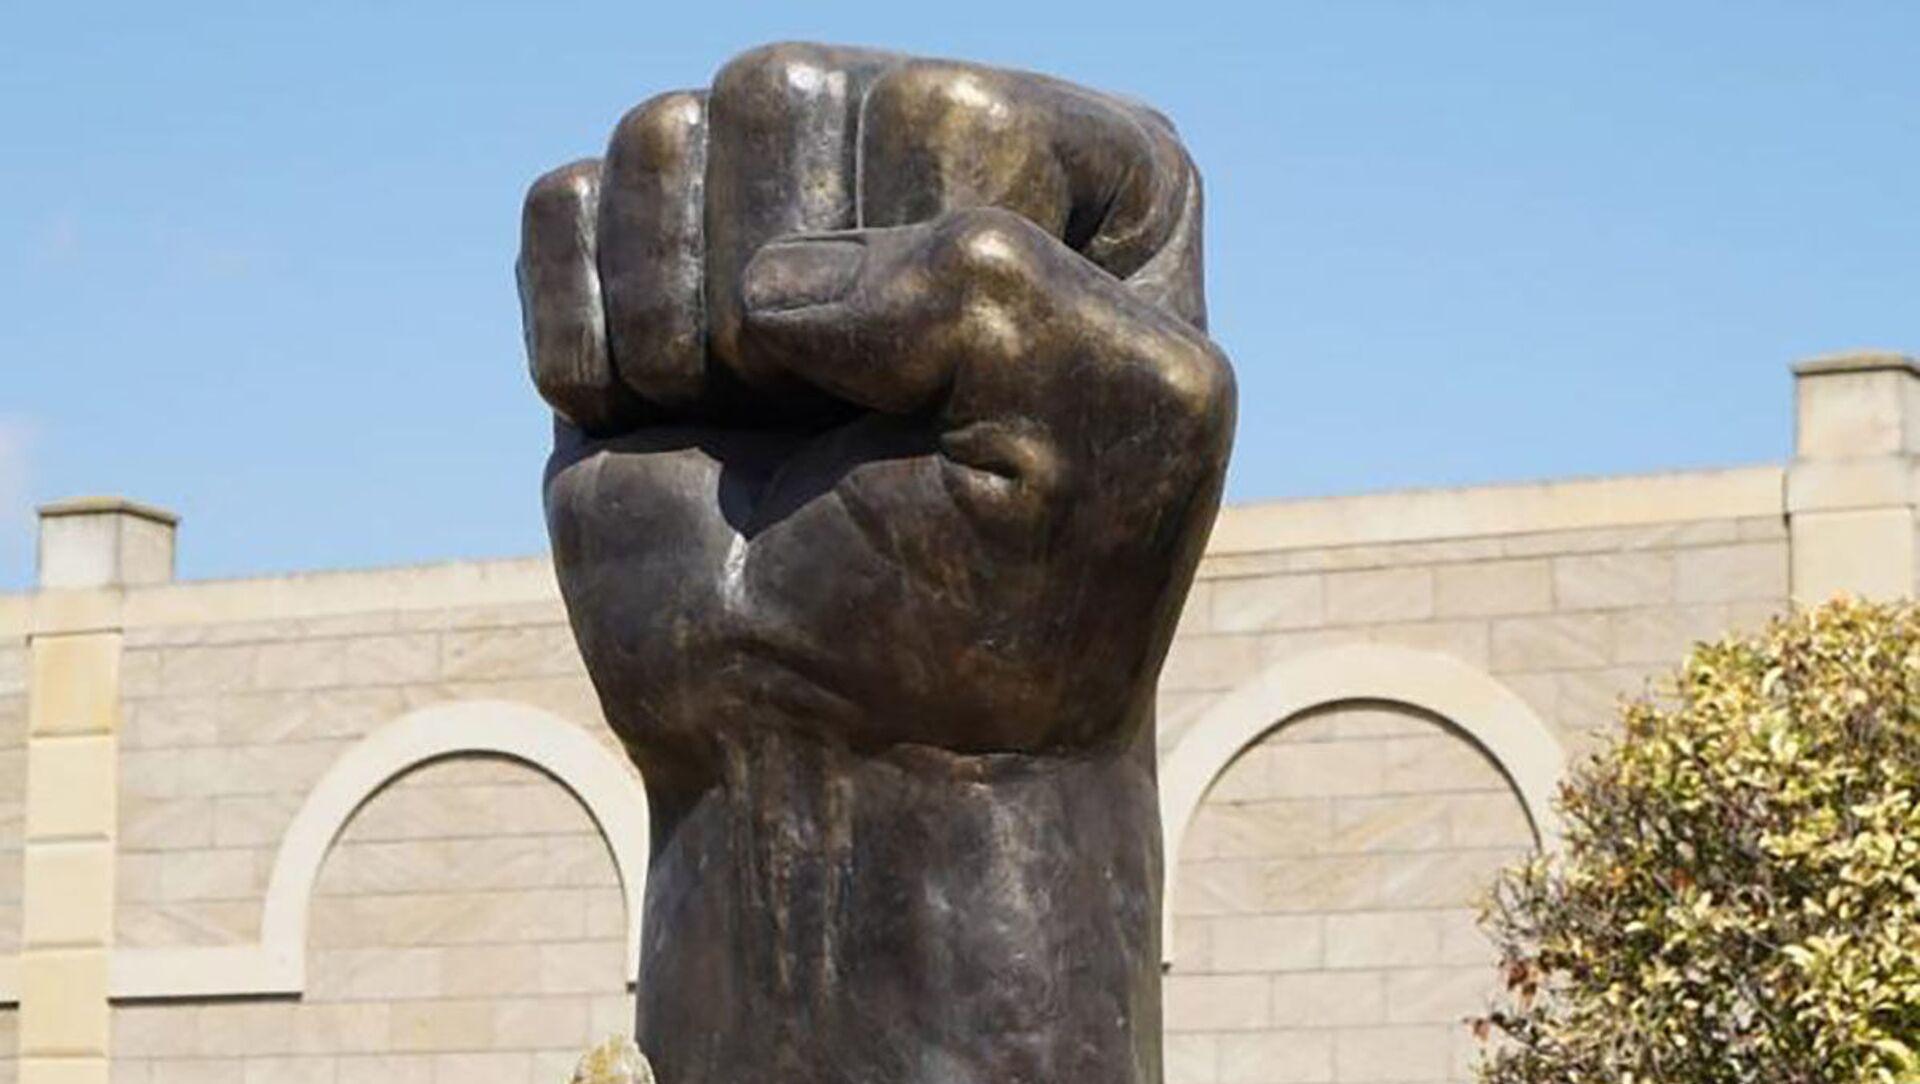 """Памятник"""" Железный кулак» - Sputnik Азербайджан, 1920, 22.09.2021"""